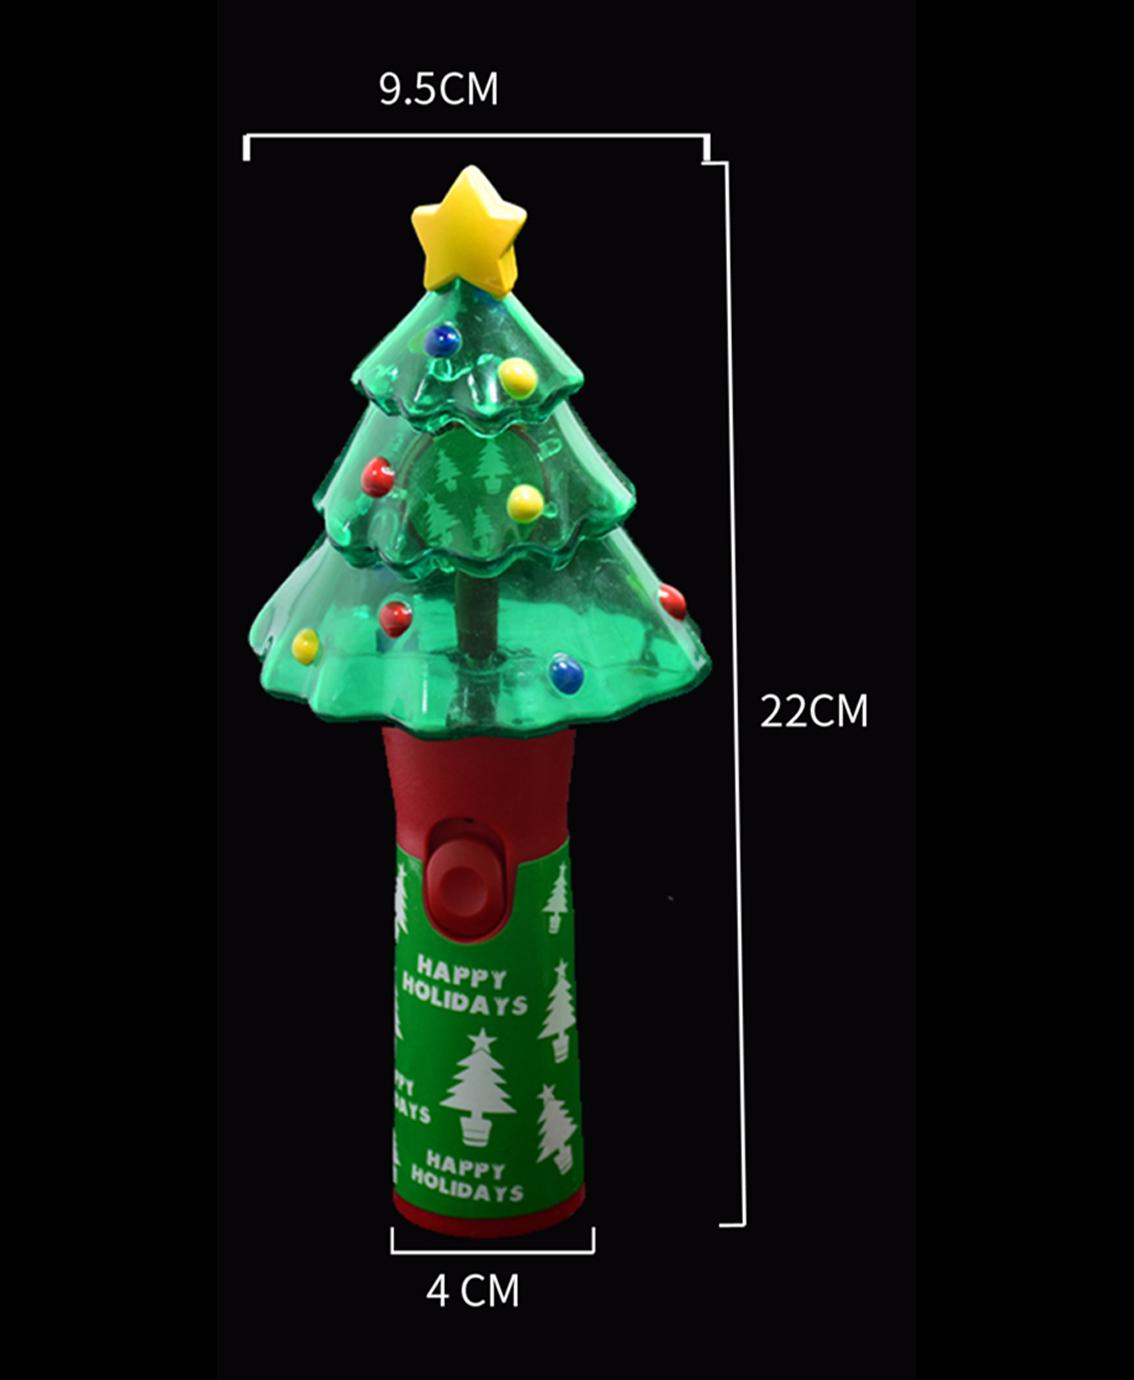 圣诞节大转球-混3款_副本1